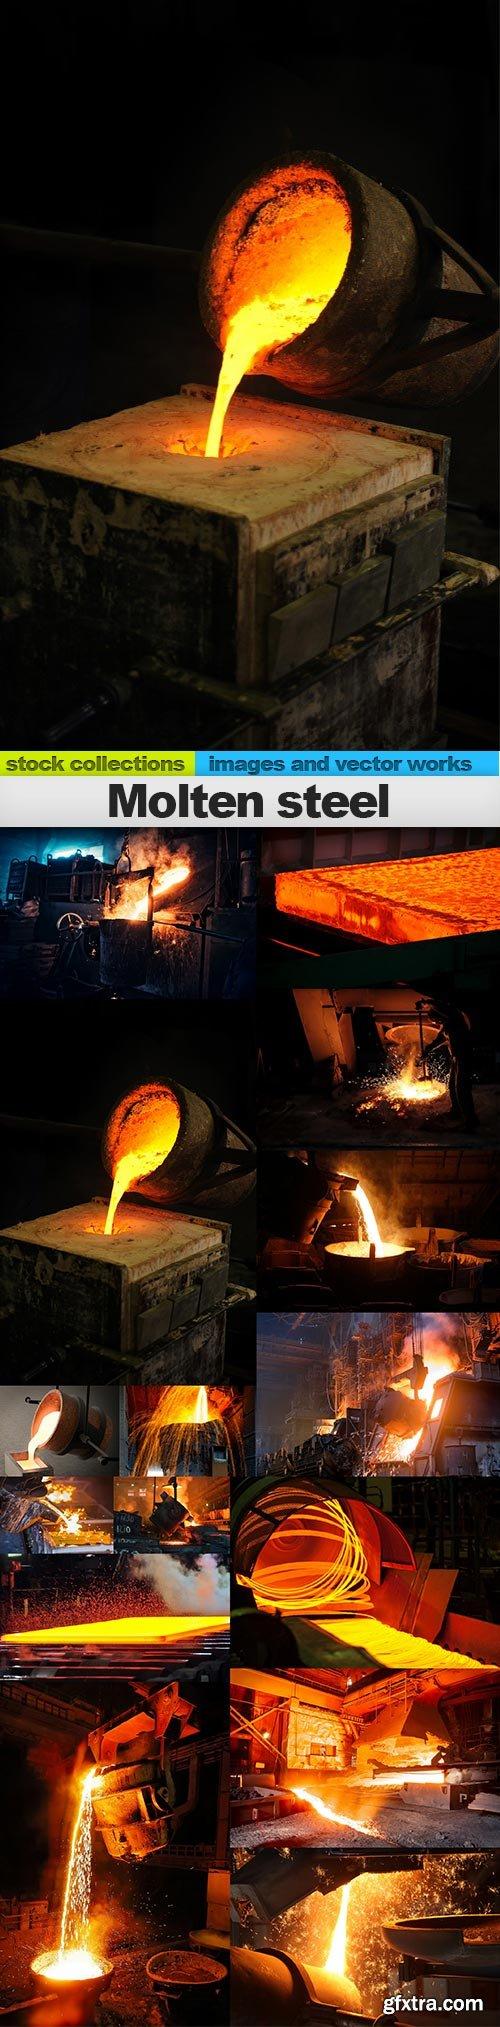 Molten steel, 15 x UHQ JPEG